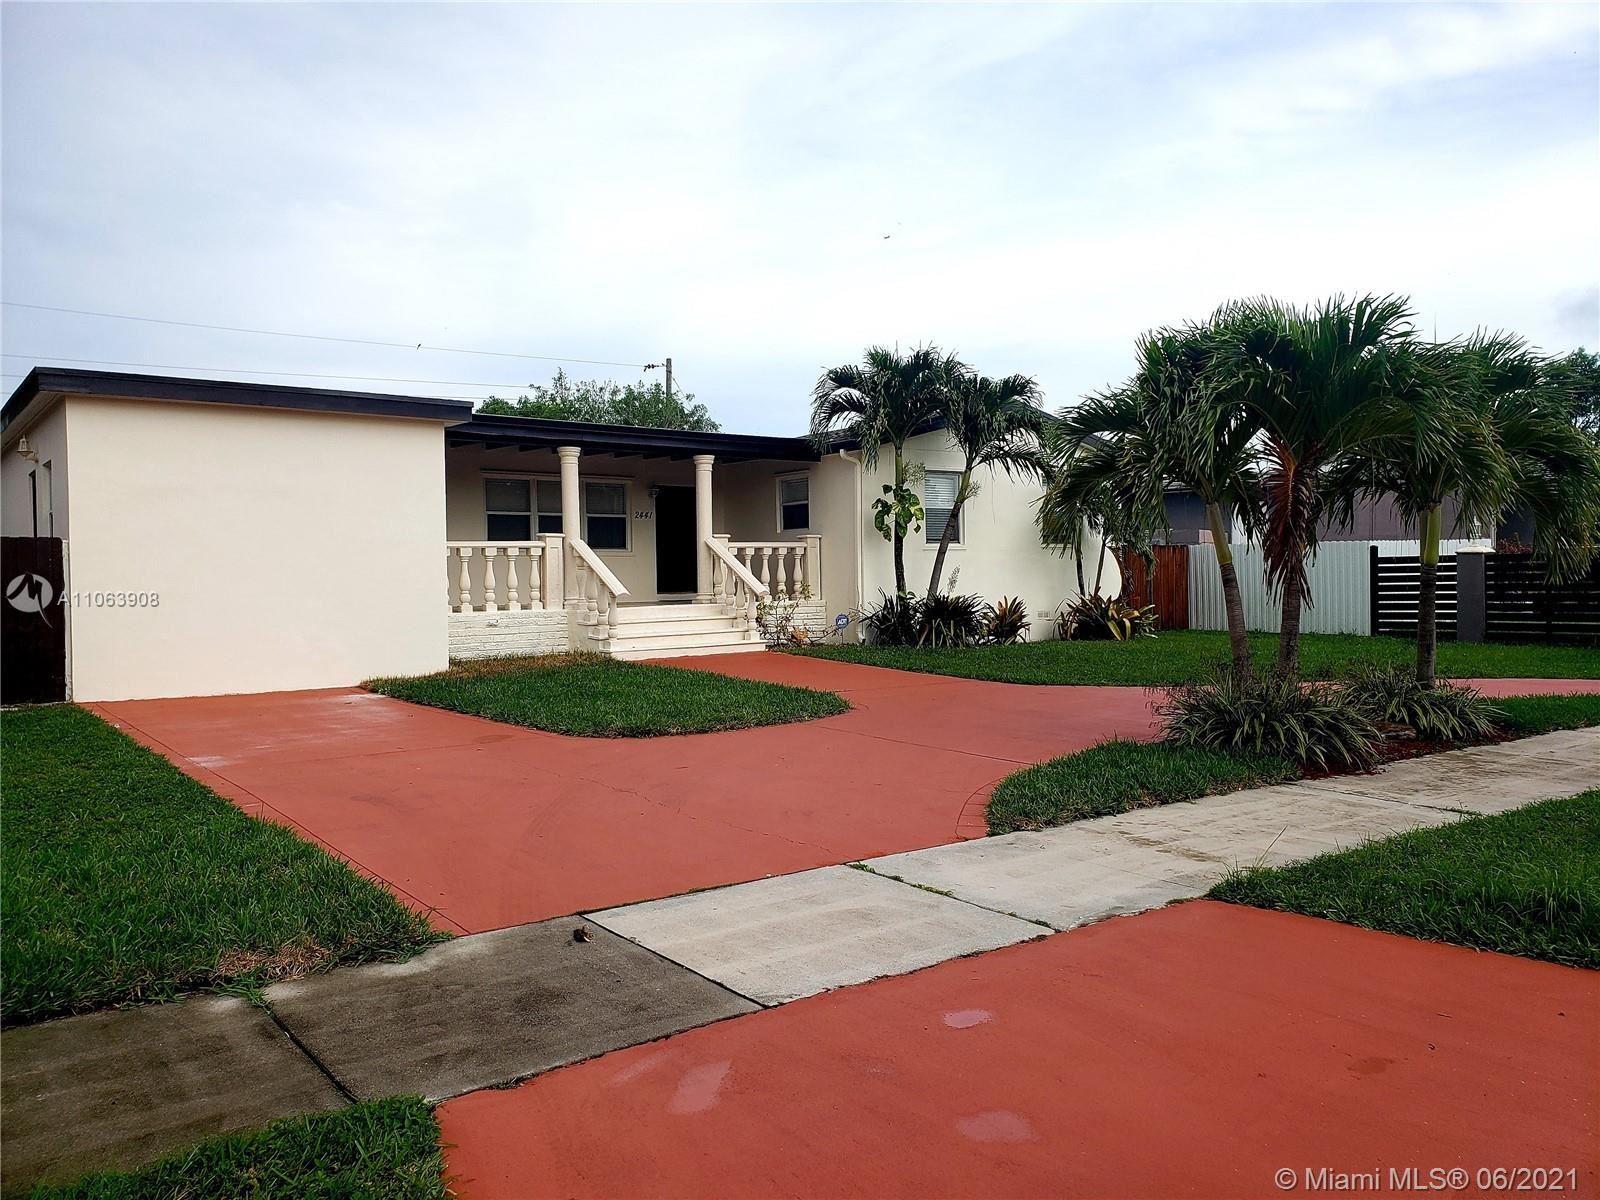 2441 SW 83rd Ct, Miami, FL 33155 - #: A11063908